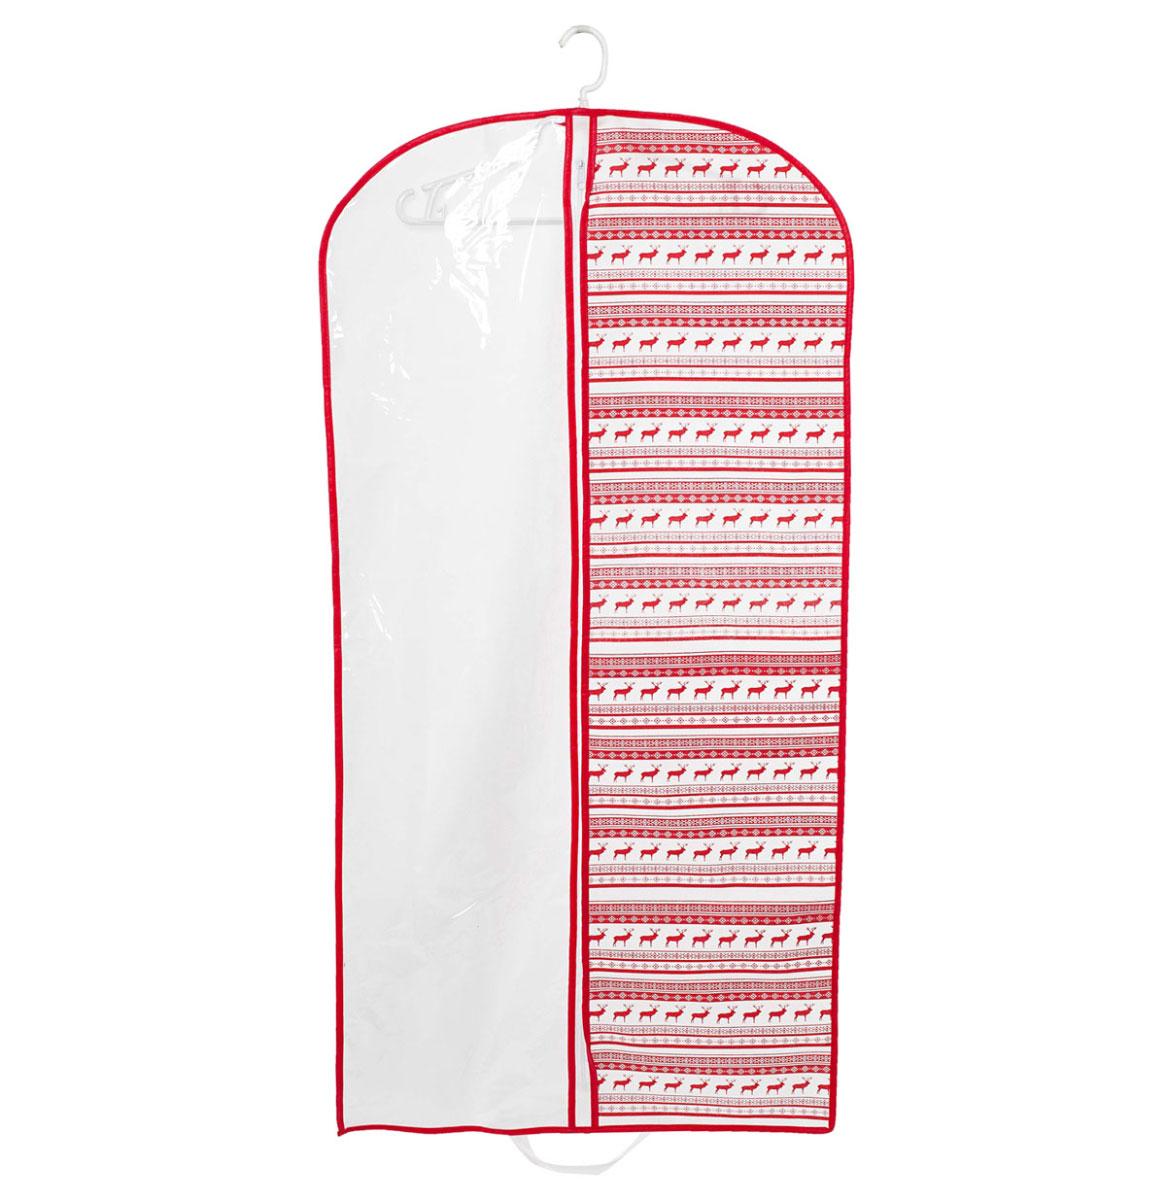 Чехол для одежды Homsu Scandinavia, подвесной, с прозрачной вставкой, 120 х 60 смHOM-204Подвесной чехол для одежды Homsu Scandinavia на застежке-молнии выполнен из высококачественного нетканого материала. Чехол снабжен прозрачной вставкой из ПВХ, что позволяет легко просматривать содержимое. Изделие подходит для длительного хранения вещей.Чехол обеспечит вашей одежде надежную защиту от влажности, повреждений и грязи при транспортировке, от запыления при хранении и проникновения моли. Чехол позволяет воздуху свободно поступать внутрь вещей, обеспечивая их кондиционирование. Это особенно важно при хранении кожаных и меховых изделий.Чехол для одежды Homsu Scandinavia создаст уютную атмосферу в гардеробе. Лаконичный дизайн придется по вкусу ценительницам эстетичного хранения и сделают вашу гардеробную изысканной и невероятно стильной.Размер чехла: 120 х 60 см.